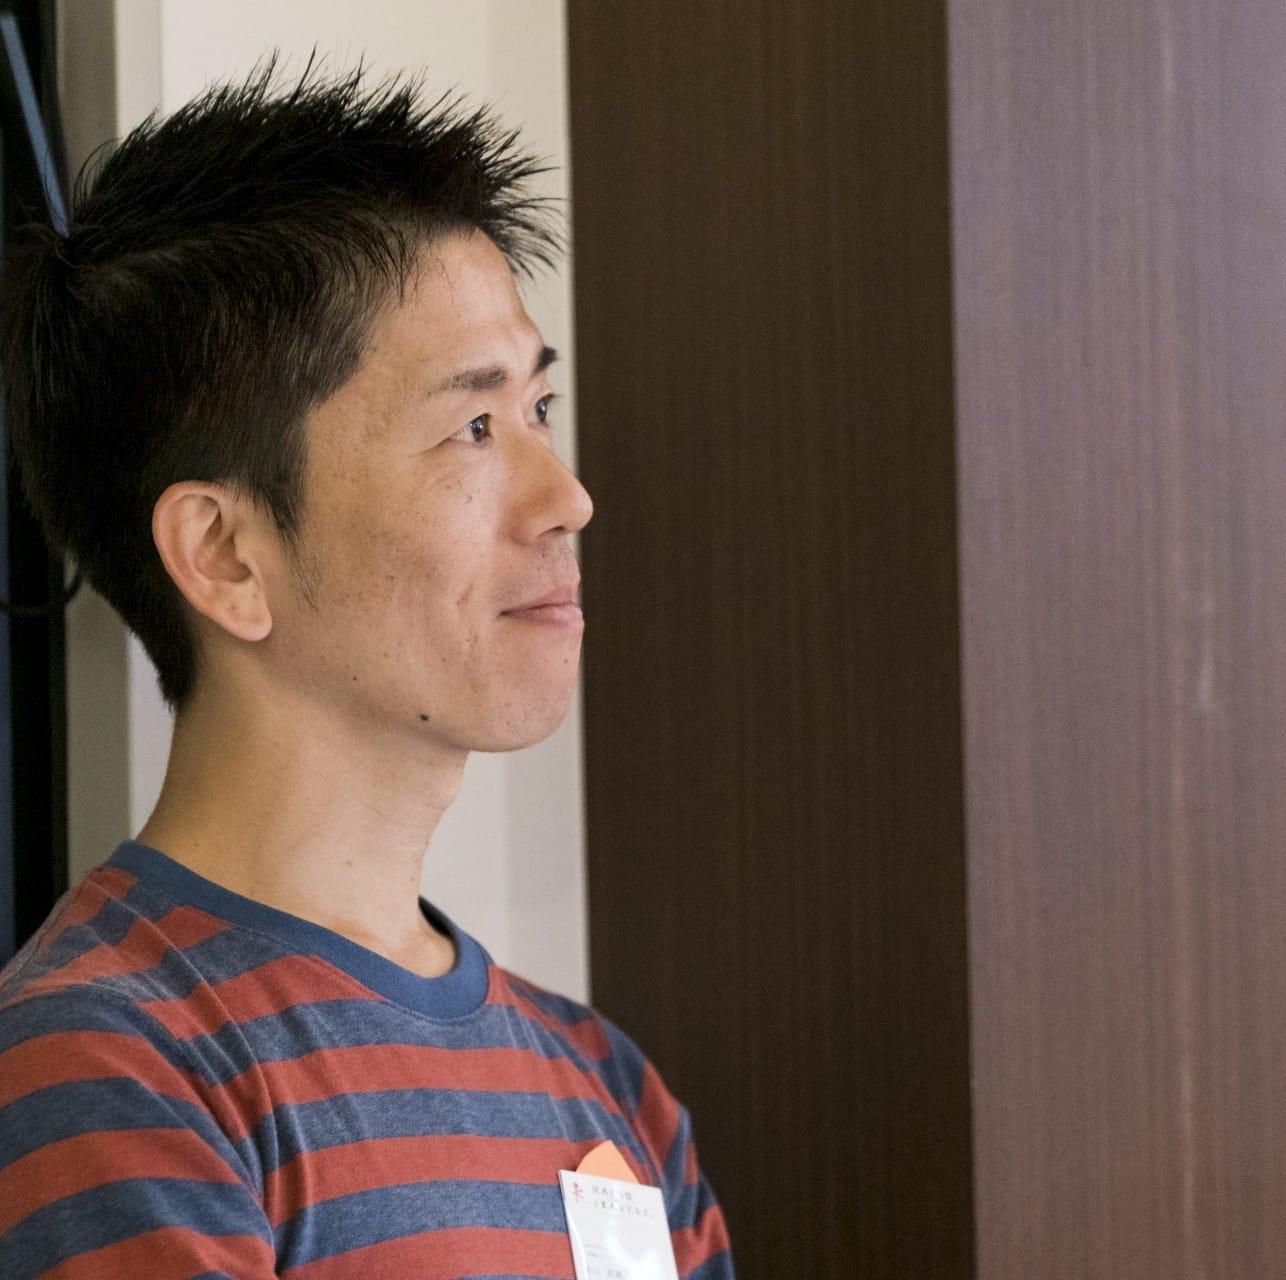 前川武嗣さんの写真